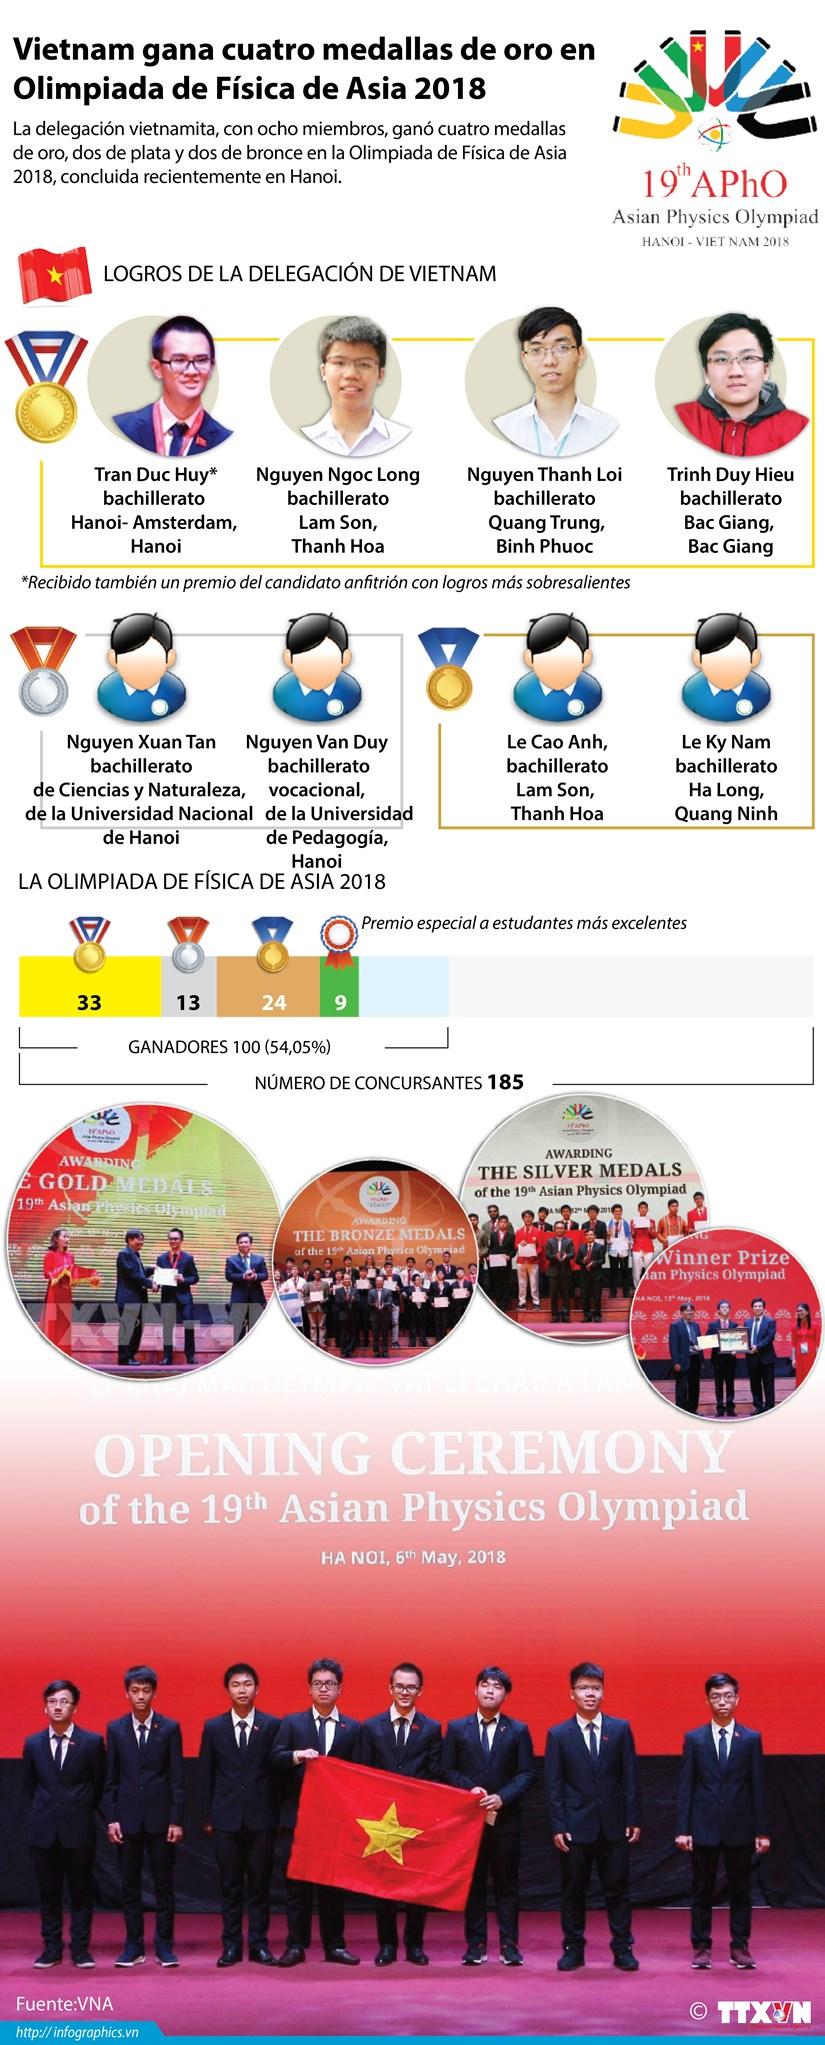 Vietnam gana cuatro medallas de oro en Olimpiada de Fisica de Asia 2018 hinh anh 1